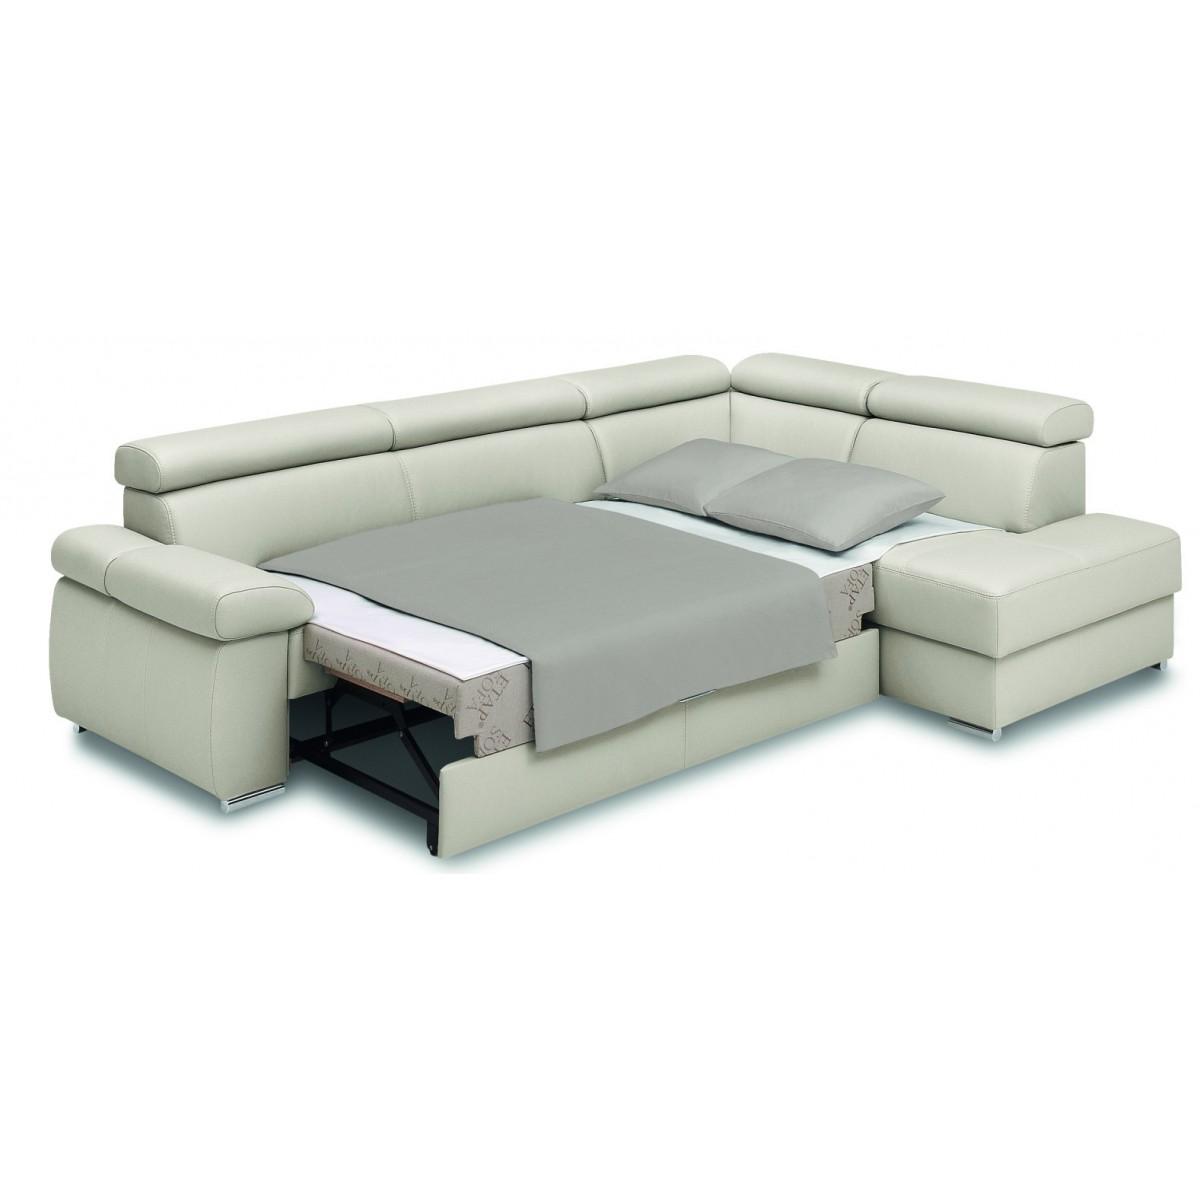 Zoom Narożnik 261x203cm Z Funkcją Spania Etap Sofa Dobra